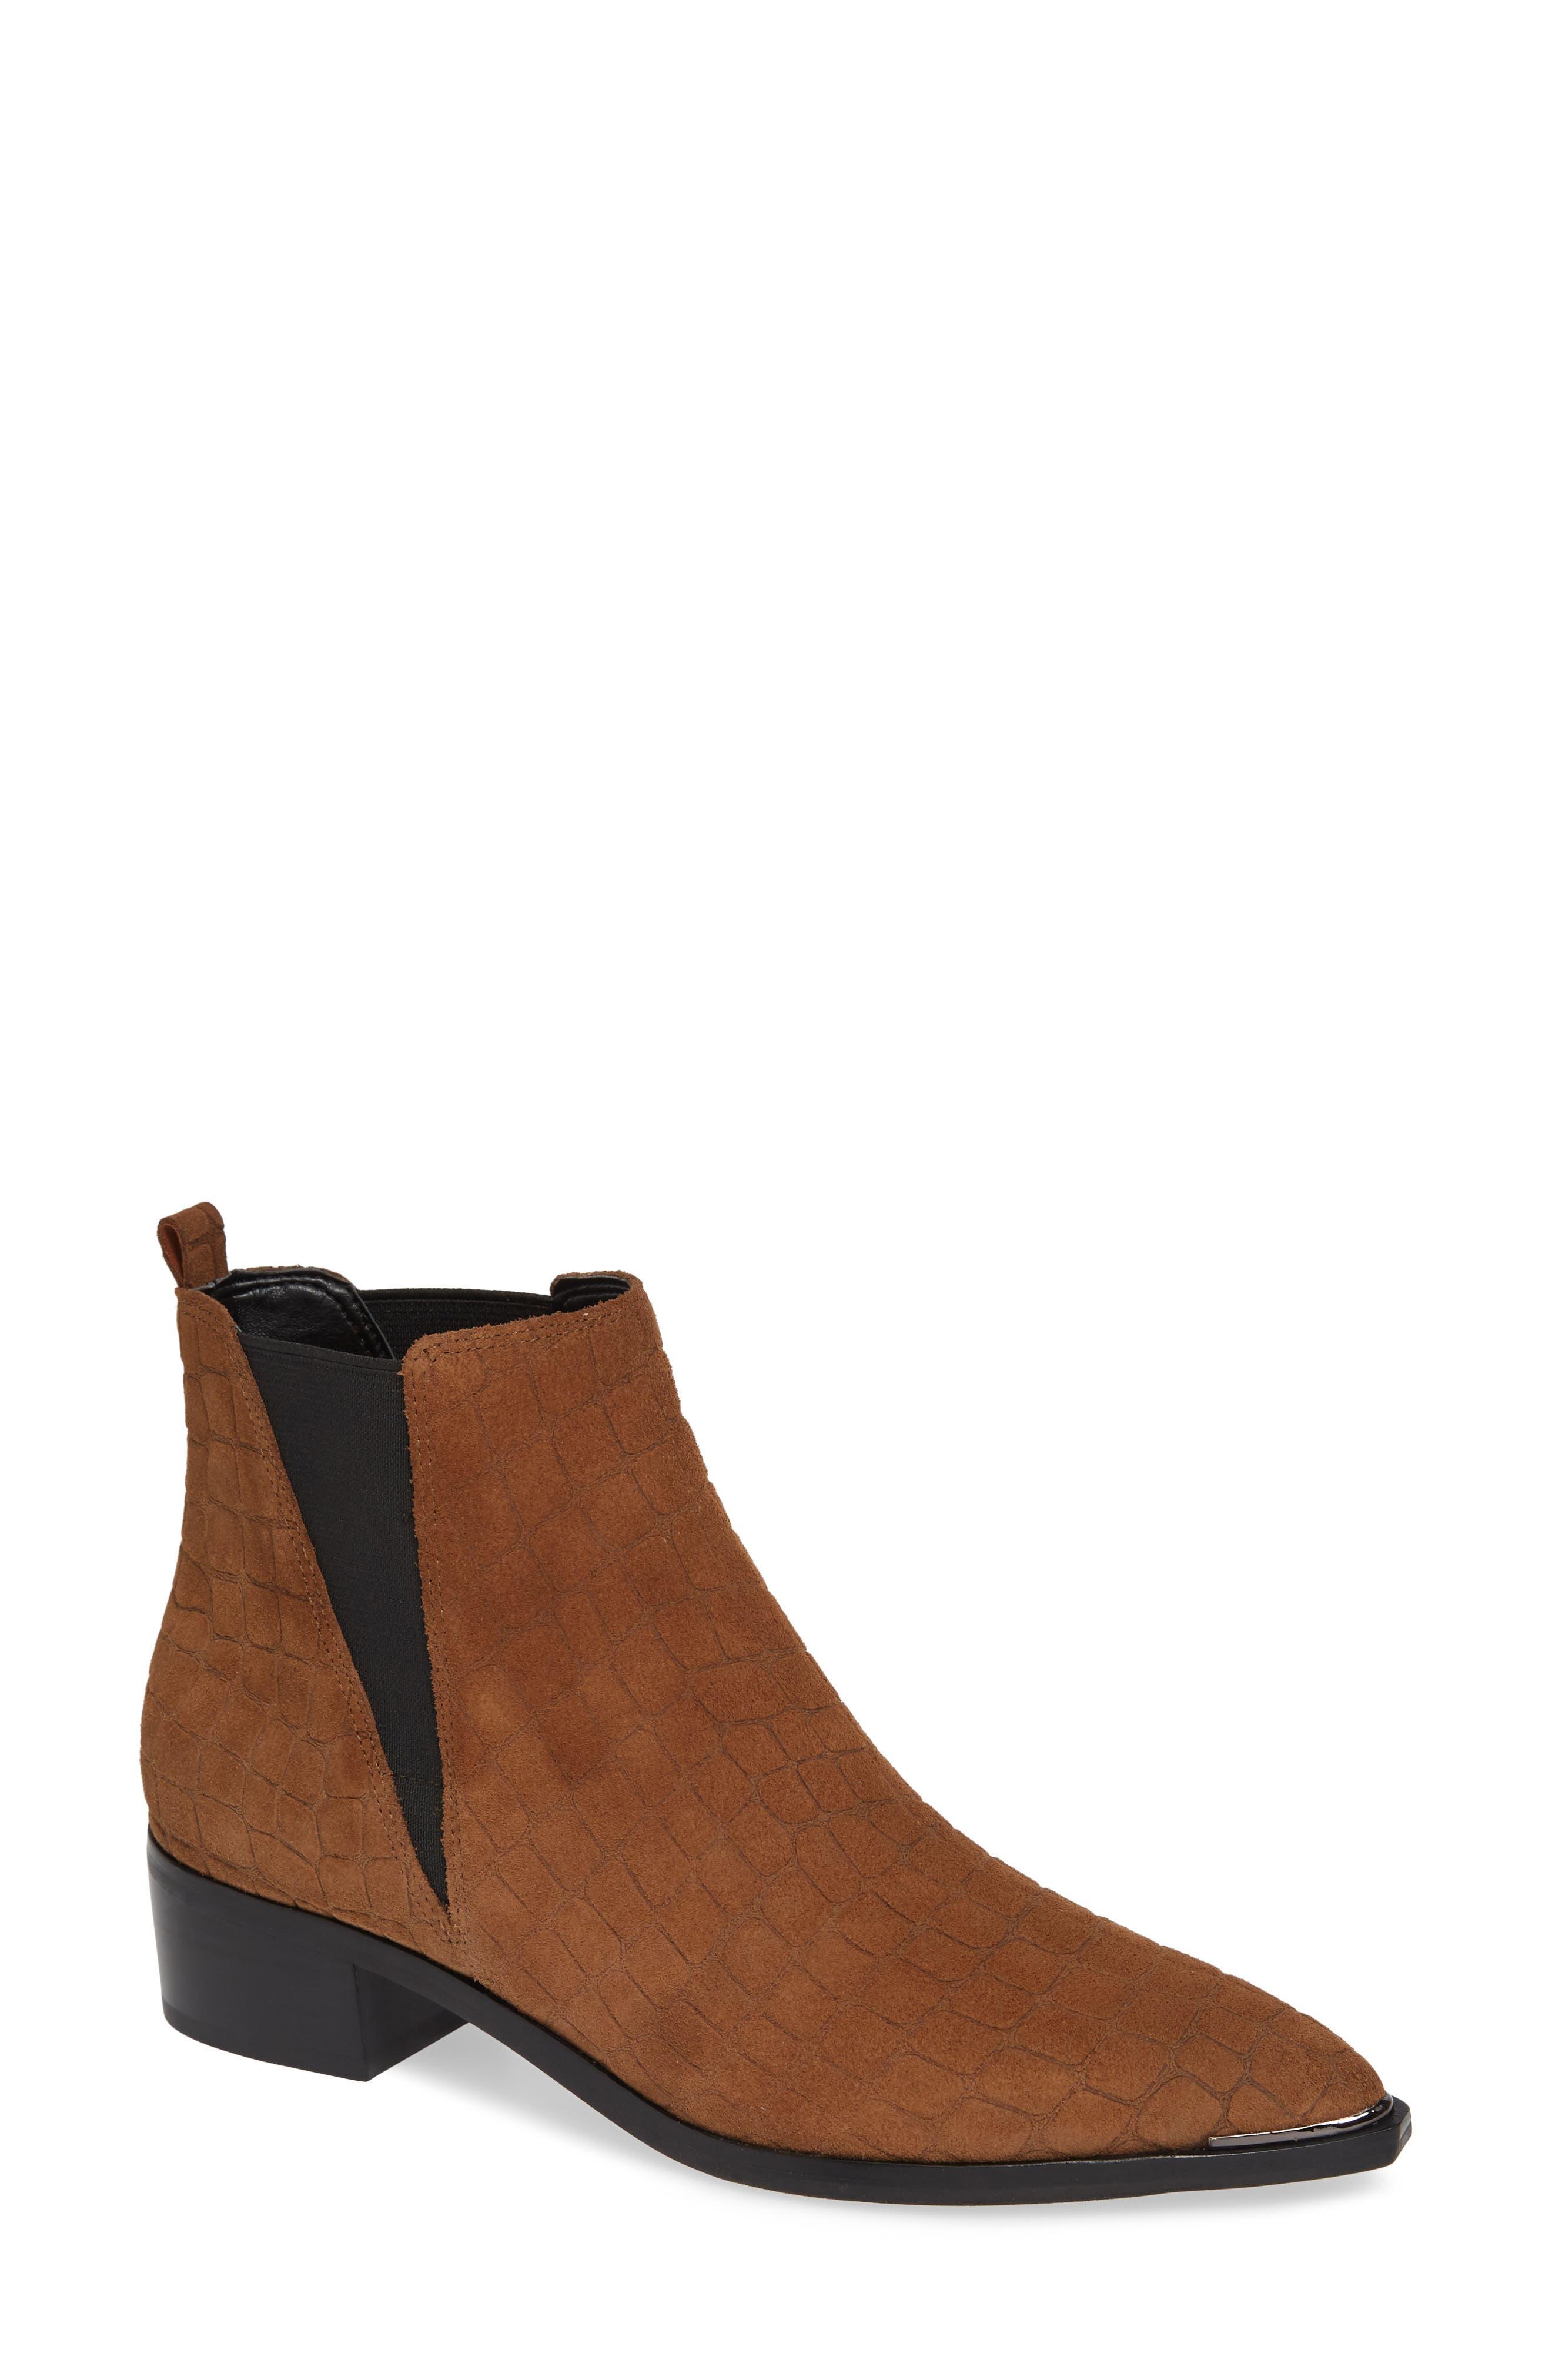 'Yale' Chelsea Boot,                         Main,                         color, Cognac Suede